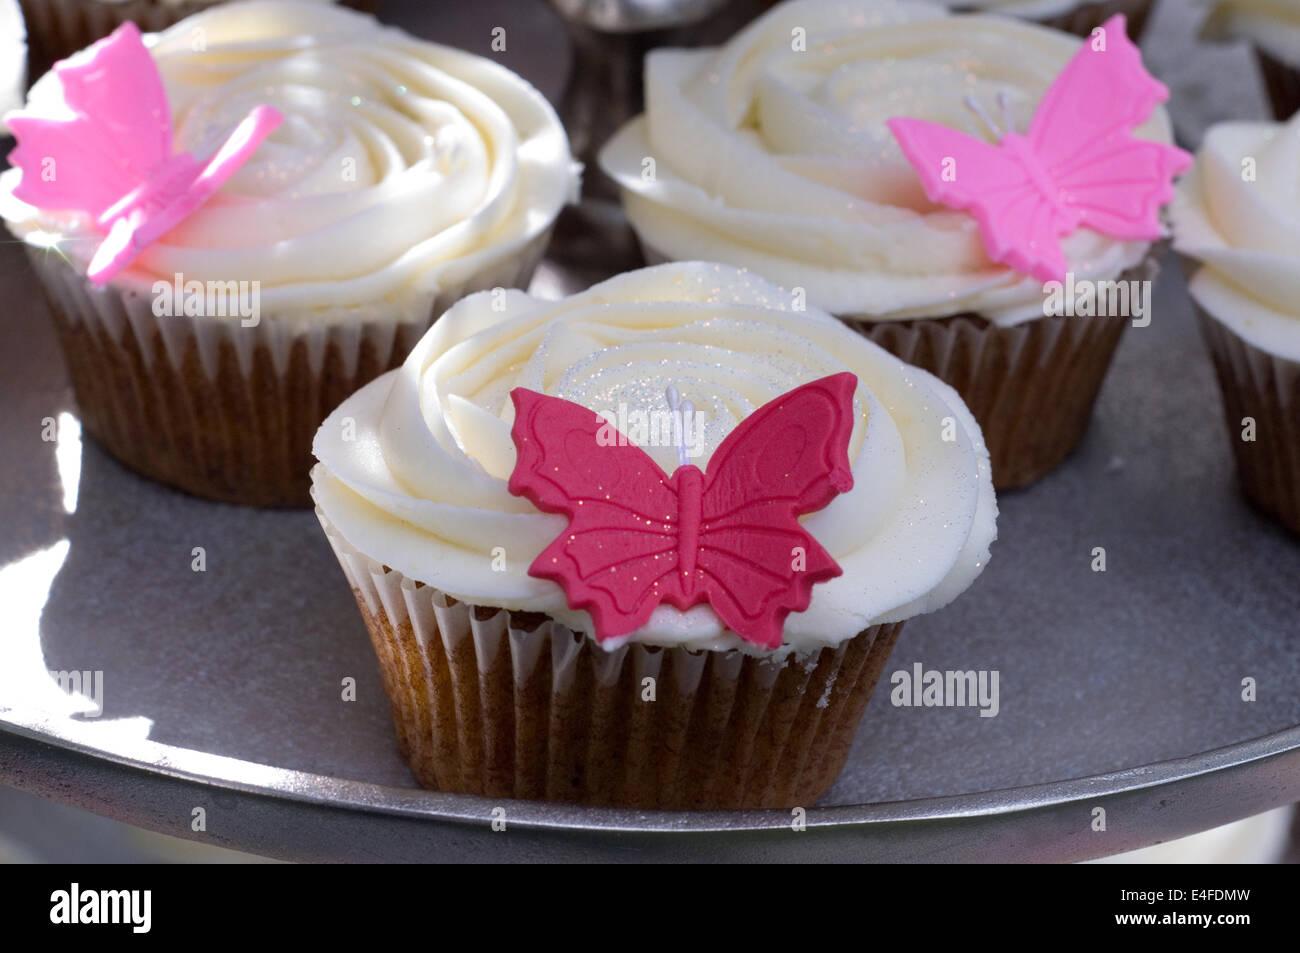 Nahaufnahme Von Einem Geburtstag Cupcake Mit Selektiven Fokus